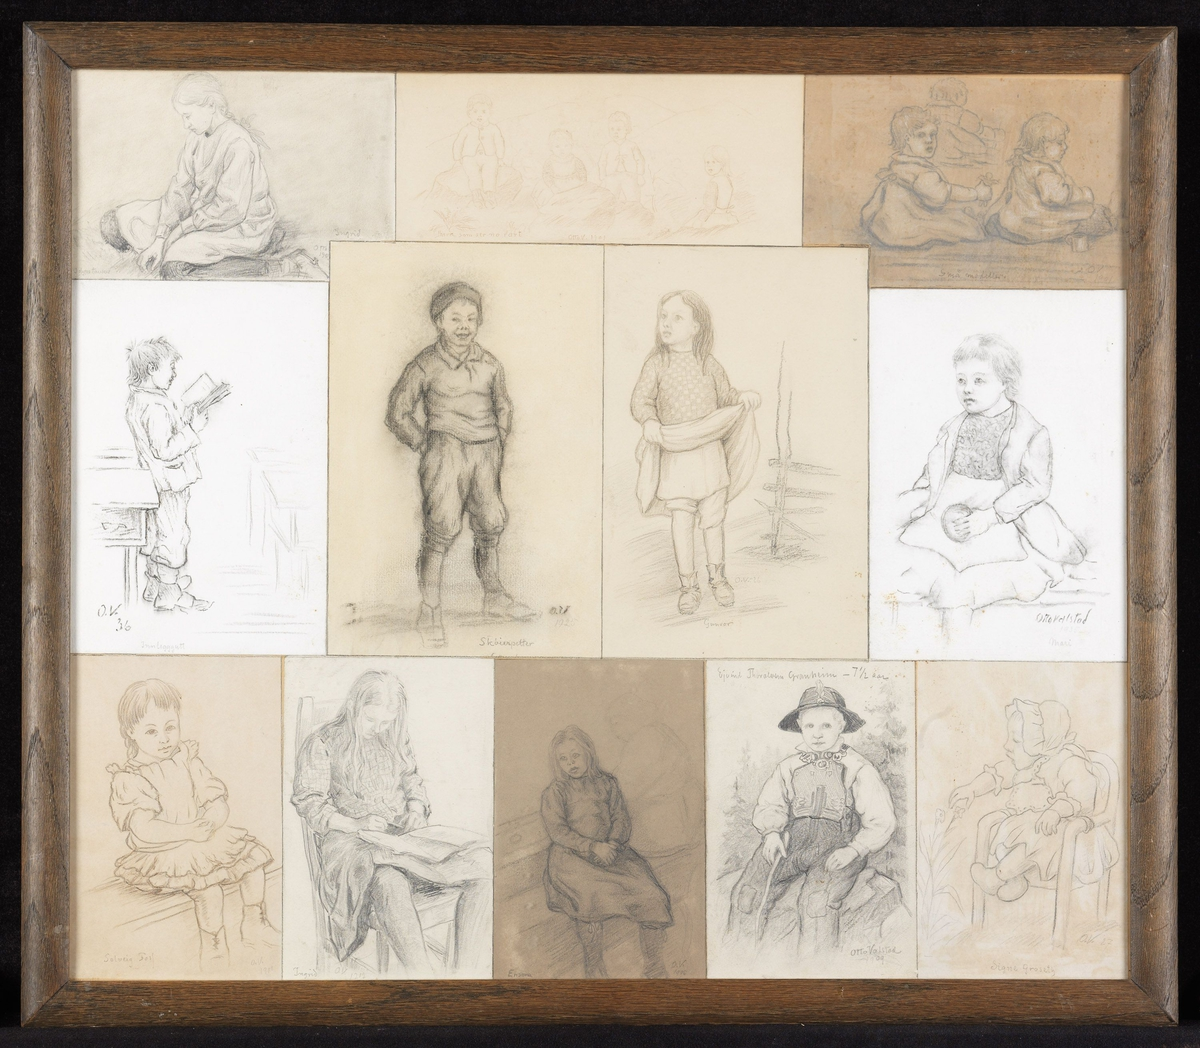 """Ned.tilv. 1) liten pike, sittende, skr.""""Solveig Foss, O.V. 1900""""; 2) lesende pike på stol, skr. """"Ingrid, O.V.1902""""; 3) pike, sittende på benk, kv., skr.""""Ensom, O.V.1905""""; 4) gutt i bunad, skr.""""Eyvind Thoraksen Granheim, 7 1/2 aar, Otto Valstad 1909""""; 5) liten pike i armstol, skr. """"Signe Groseth, O.V.27""""; 2 rekke f.v. 6) gutt, stående, lesende høyreprof., skr. """"O.V.36, Innlegggutt""""; 7) gutt, stående, leende, skr.""""Skøierpetter, O.V. 1925""""; 8) pike, løfter opp skjørtet, skr.""""Gunvor, O.V.-26""""; 9) pike, sittende m. ball, skr.""""Otto Valstad 1935, Mari""""; 10) øv.tilv. pike, sittende på kne, skr.""""Ingrid, Otto 190-""""; 11) 4 barn, skr.""""barn som ser no rart, Otto V.1901""""; 12) 3 små barn, sittende, skr. """"Småmodeller, O.V.1901"""""""